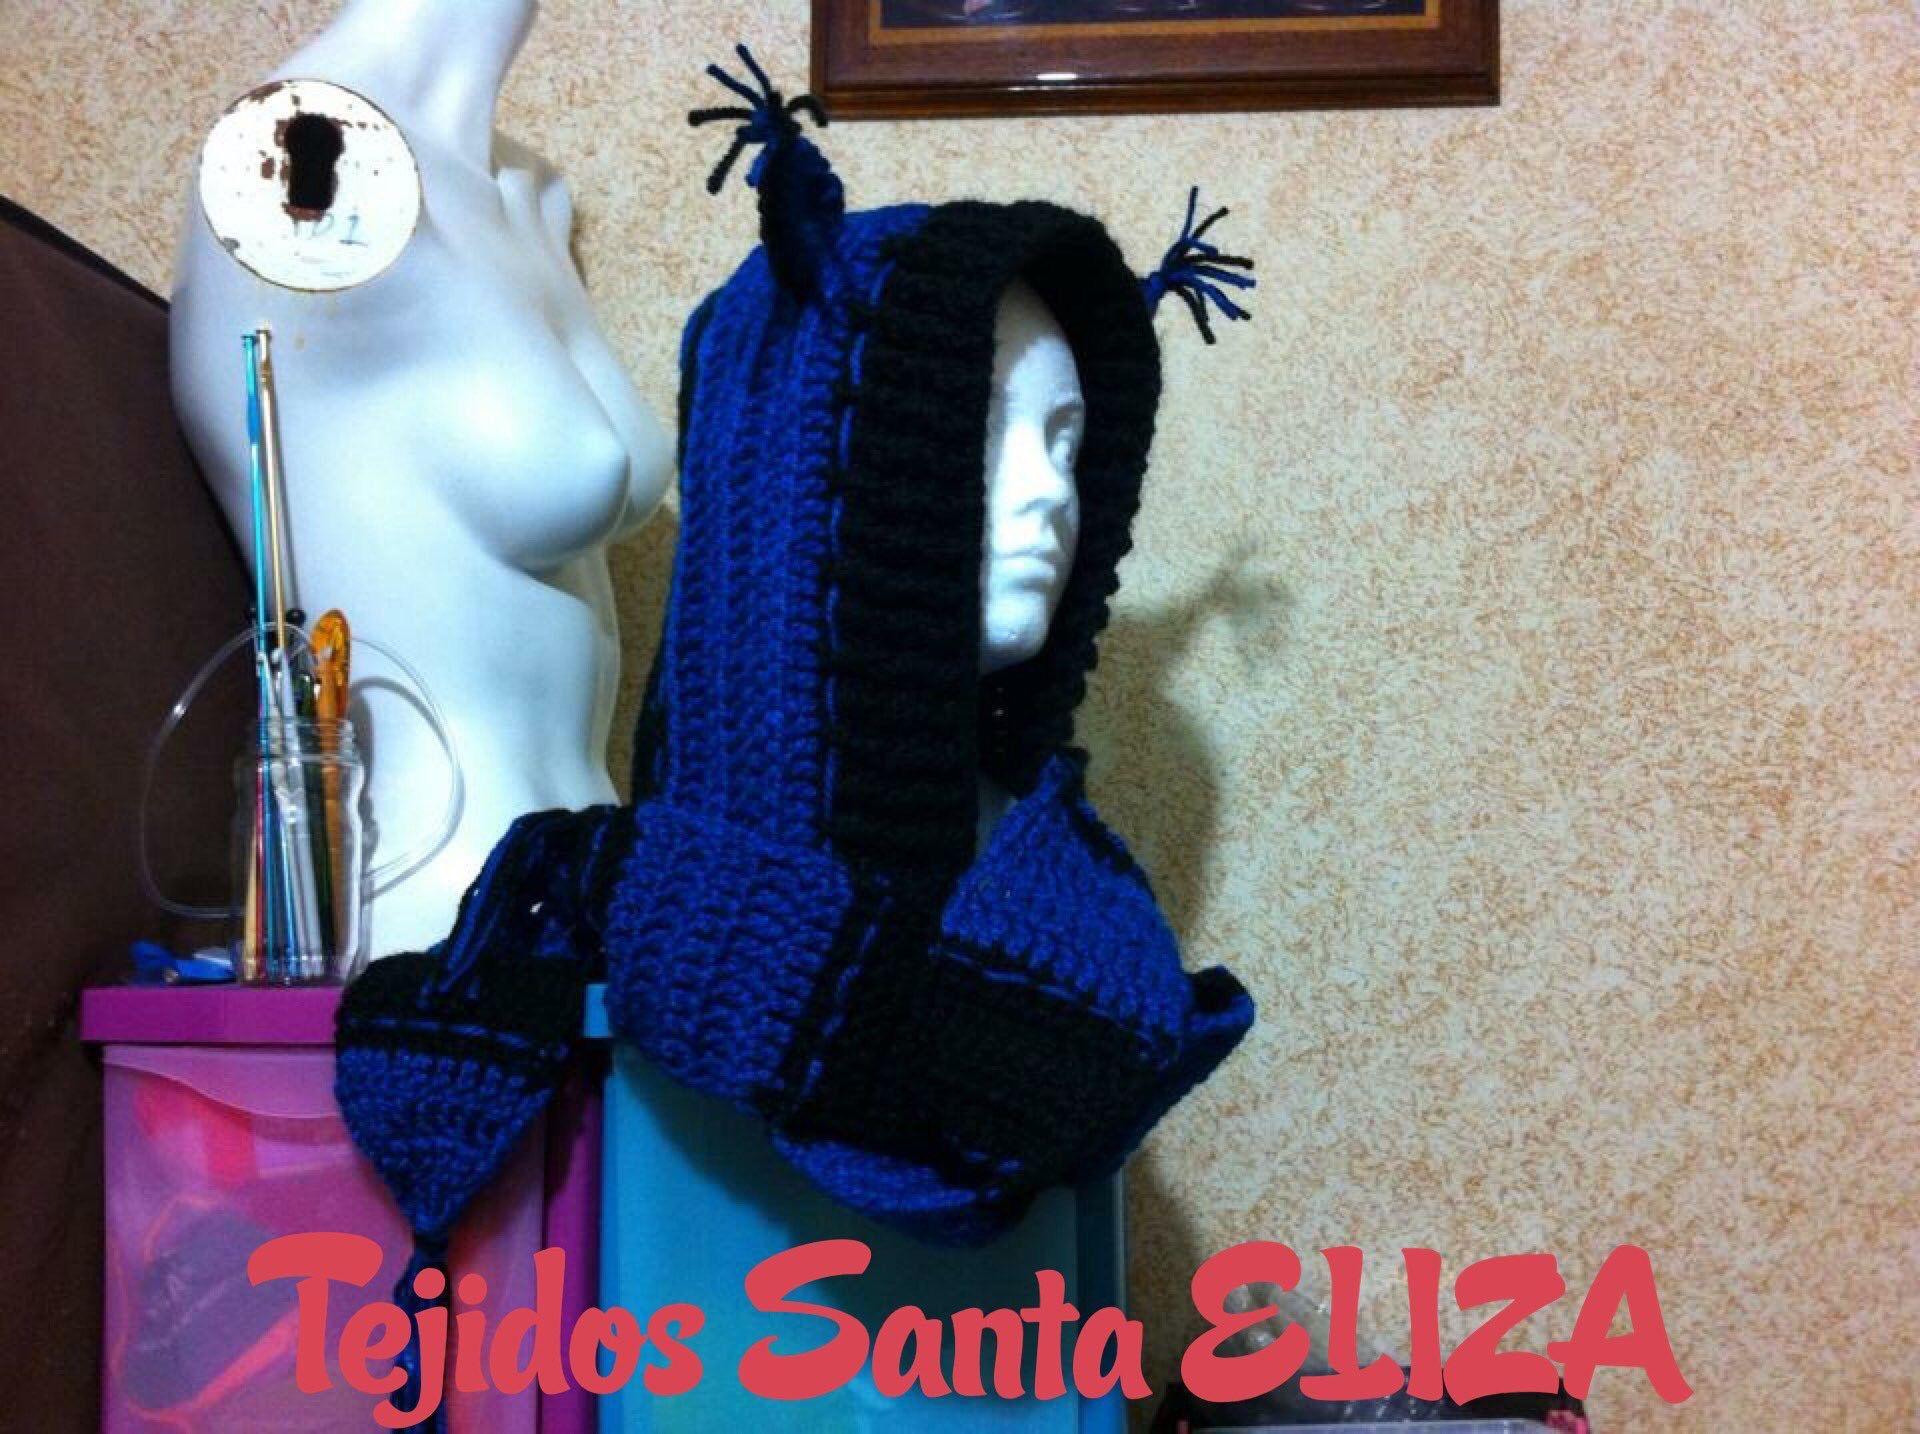 Gorra con bufanda, en una sola pieza 🕷🕸 de mis primeros trabajos #talentomexicano🇲🇽 #inspiración #ganchillocreativo #artesanamexicana #hechoamano #amotejer💖 #tejoluegoexisto